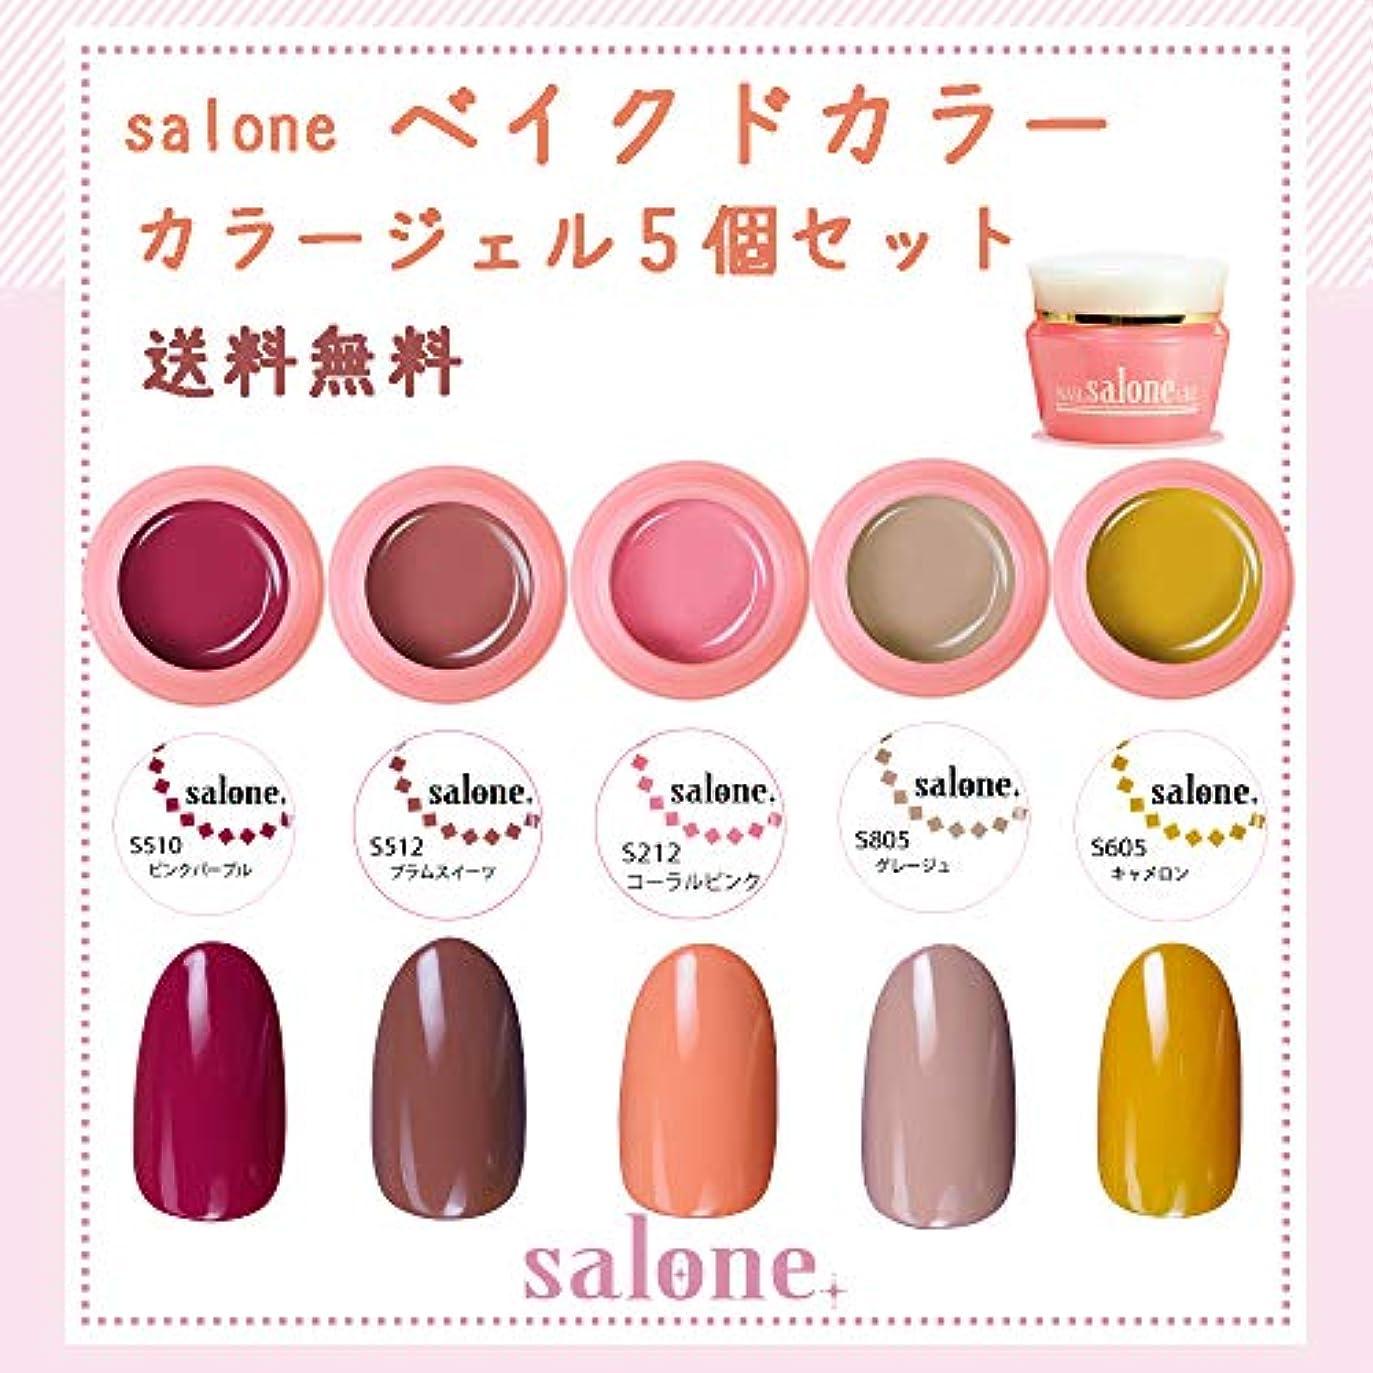 チャームスピン洞察力のある【送料無料 日本製】Salone ベイクドカラージェル5個セット 大人っぽく暖かく大人可愛いトレンドカラー